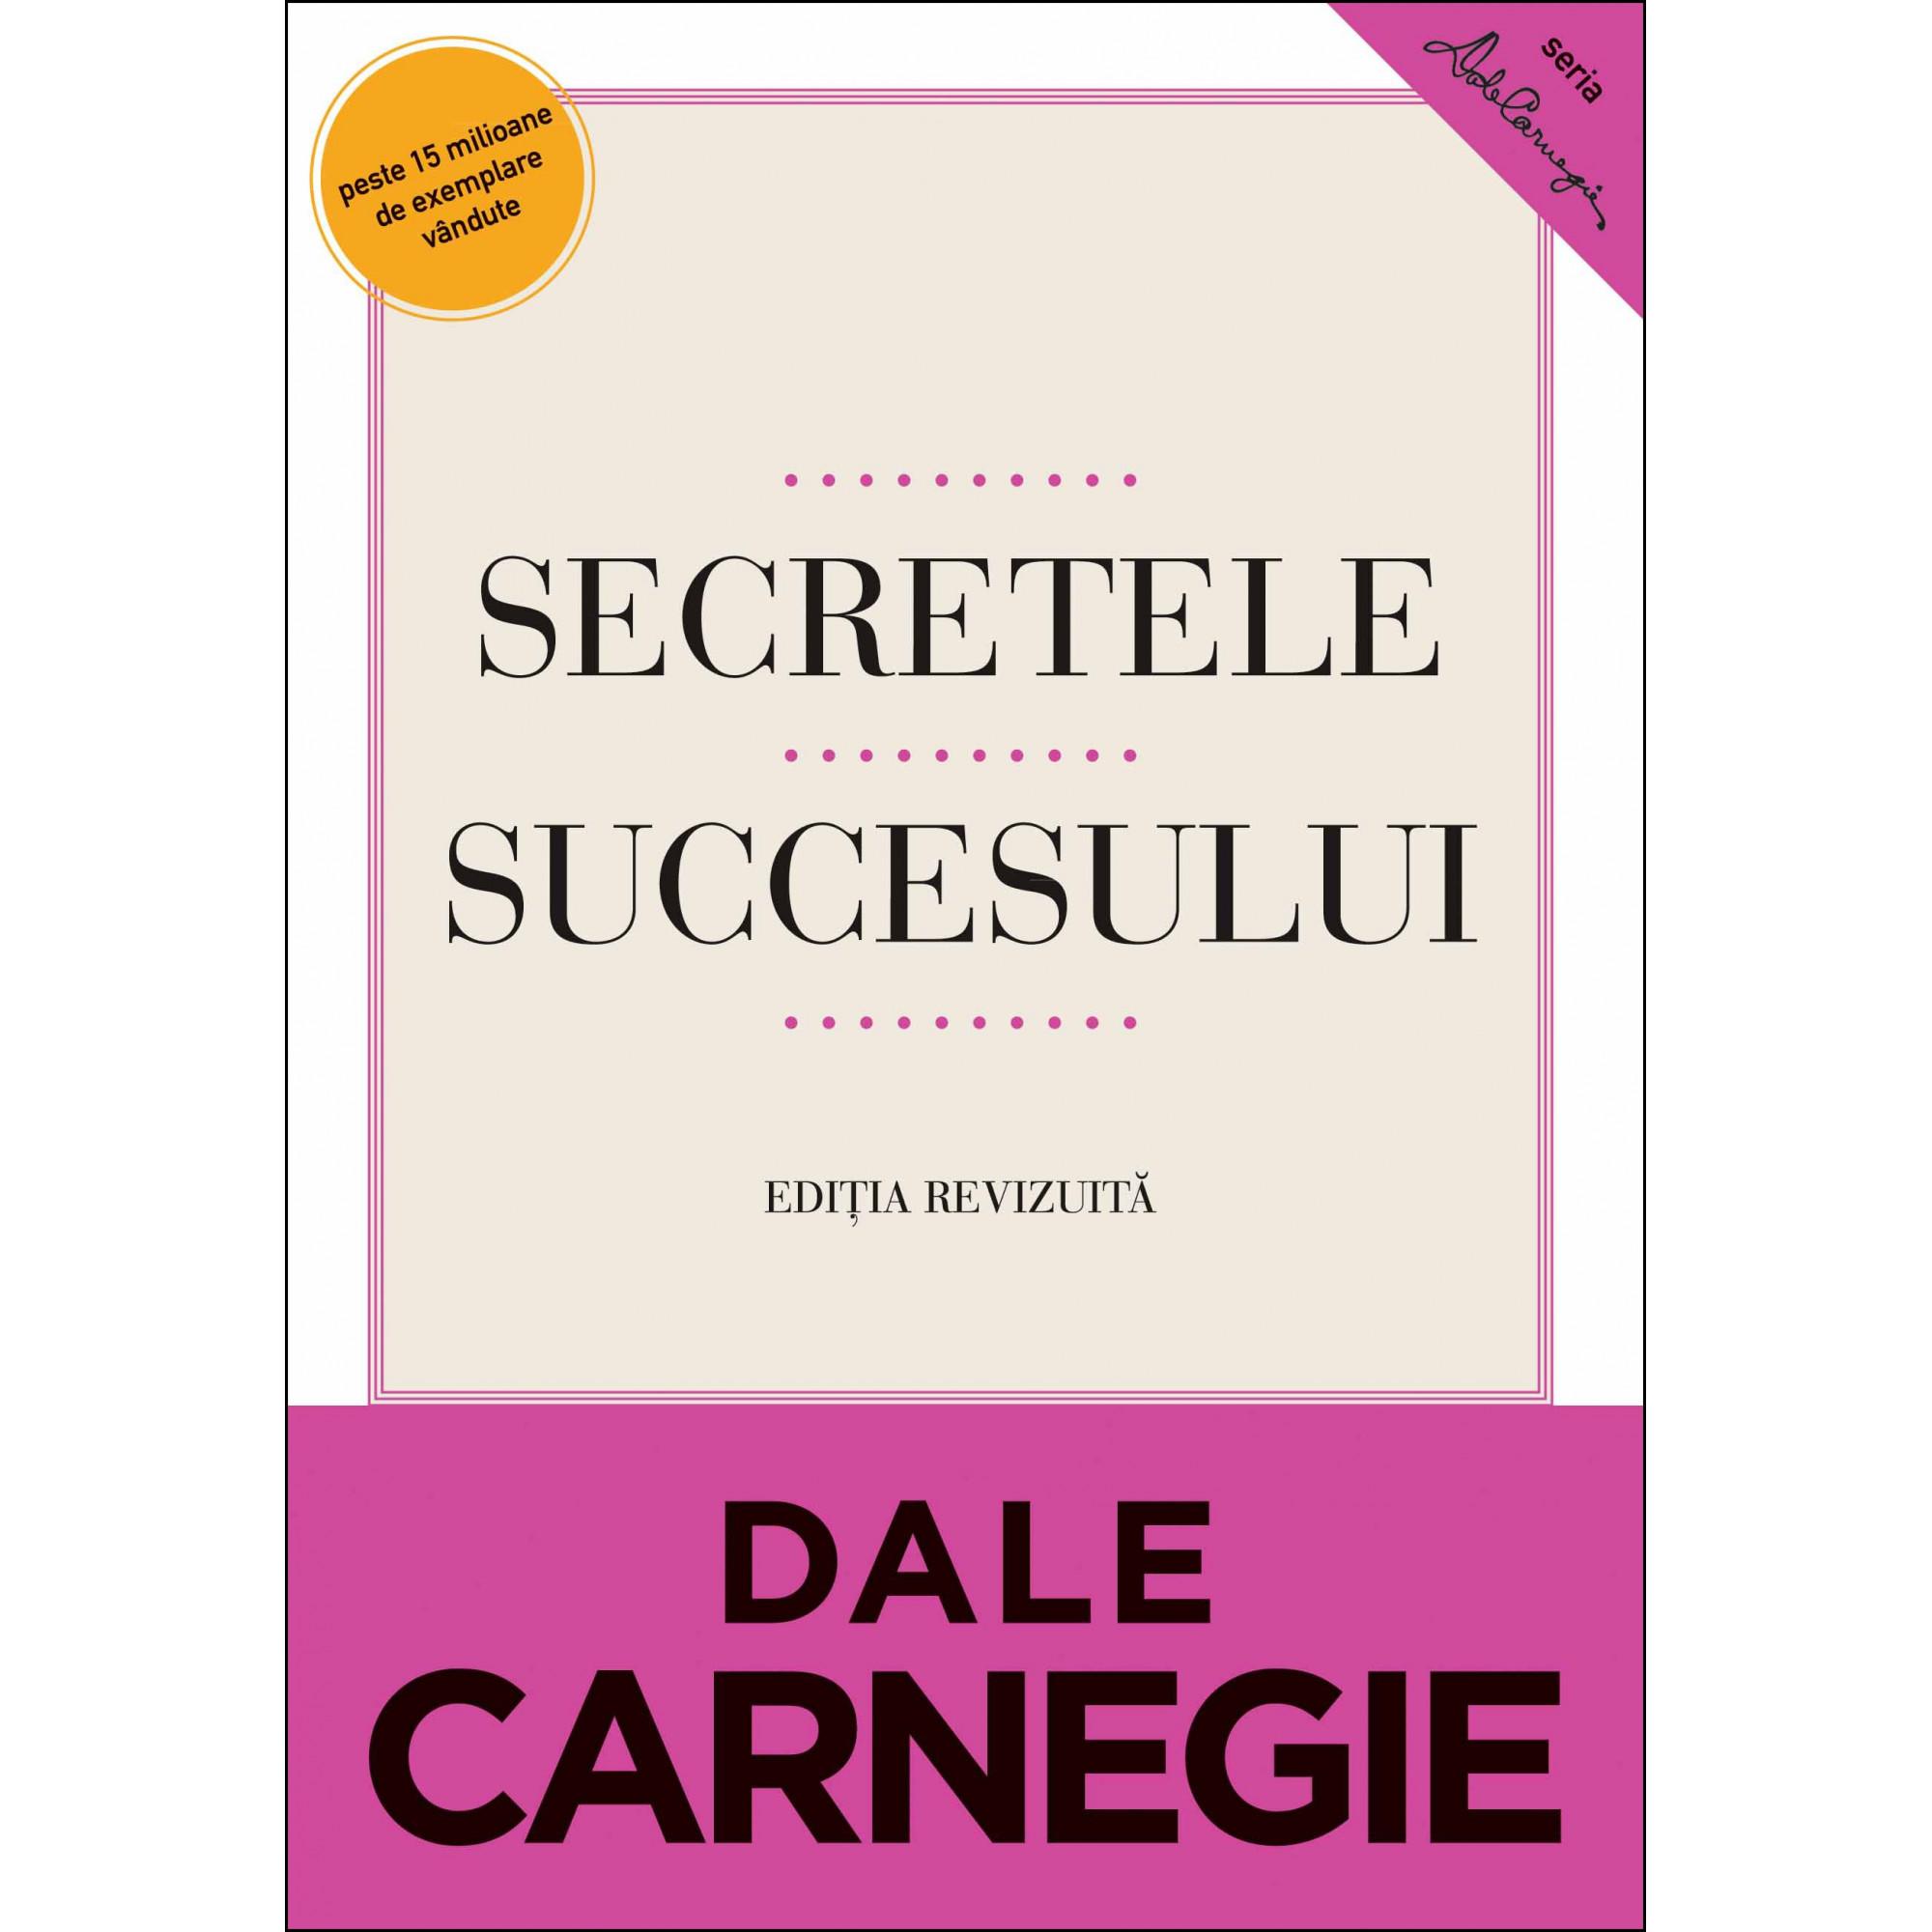 Secretele succesului. Ediţie revizuită Cum să vă faceţi prieteni şi să deveniţi influent; Dale Carnegie